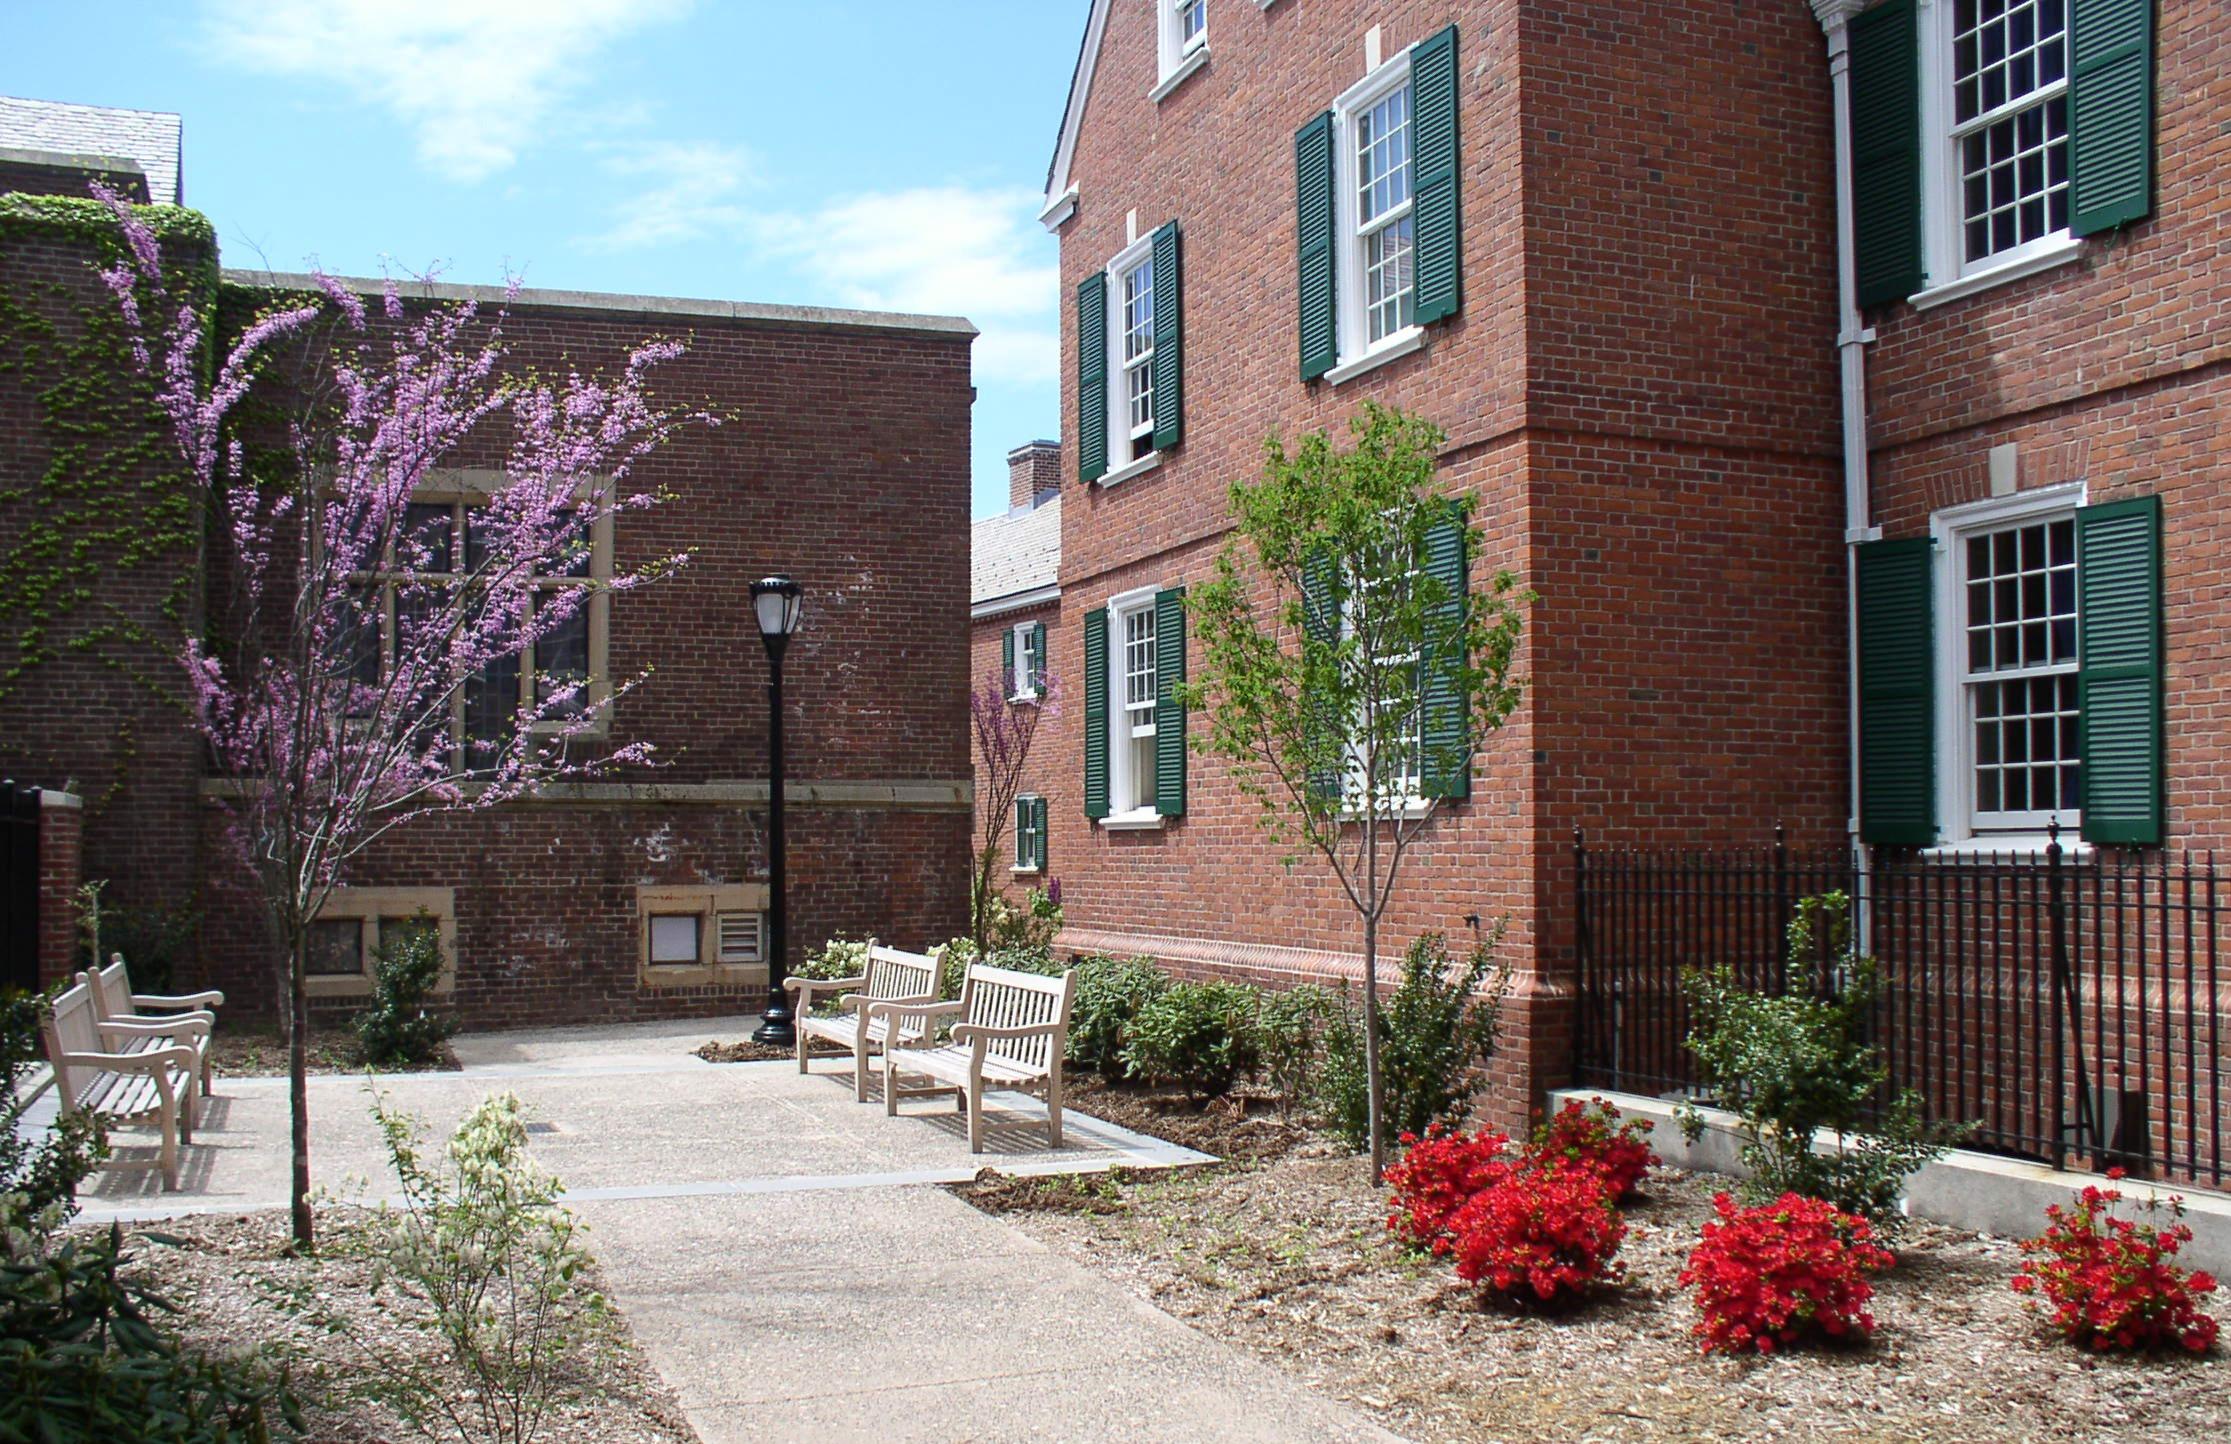 Pierson College